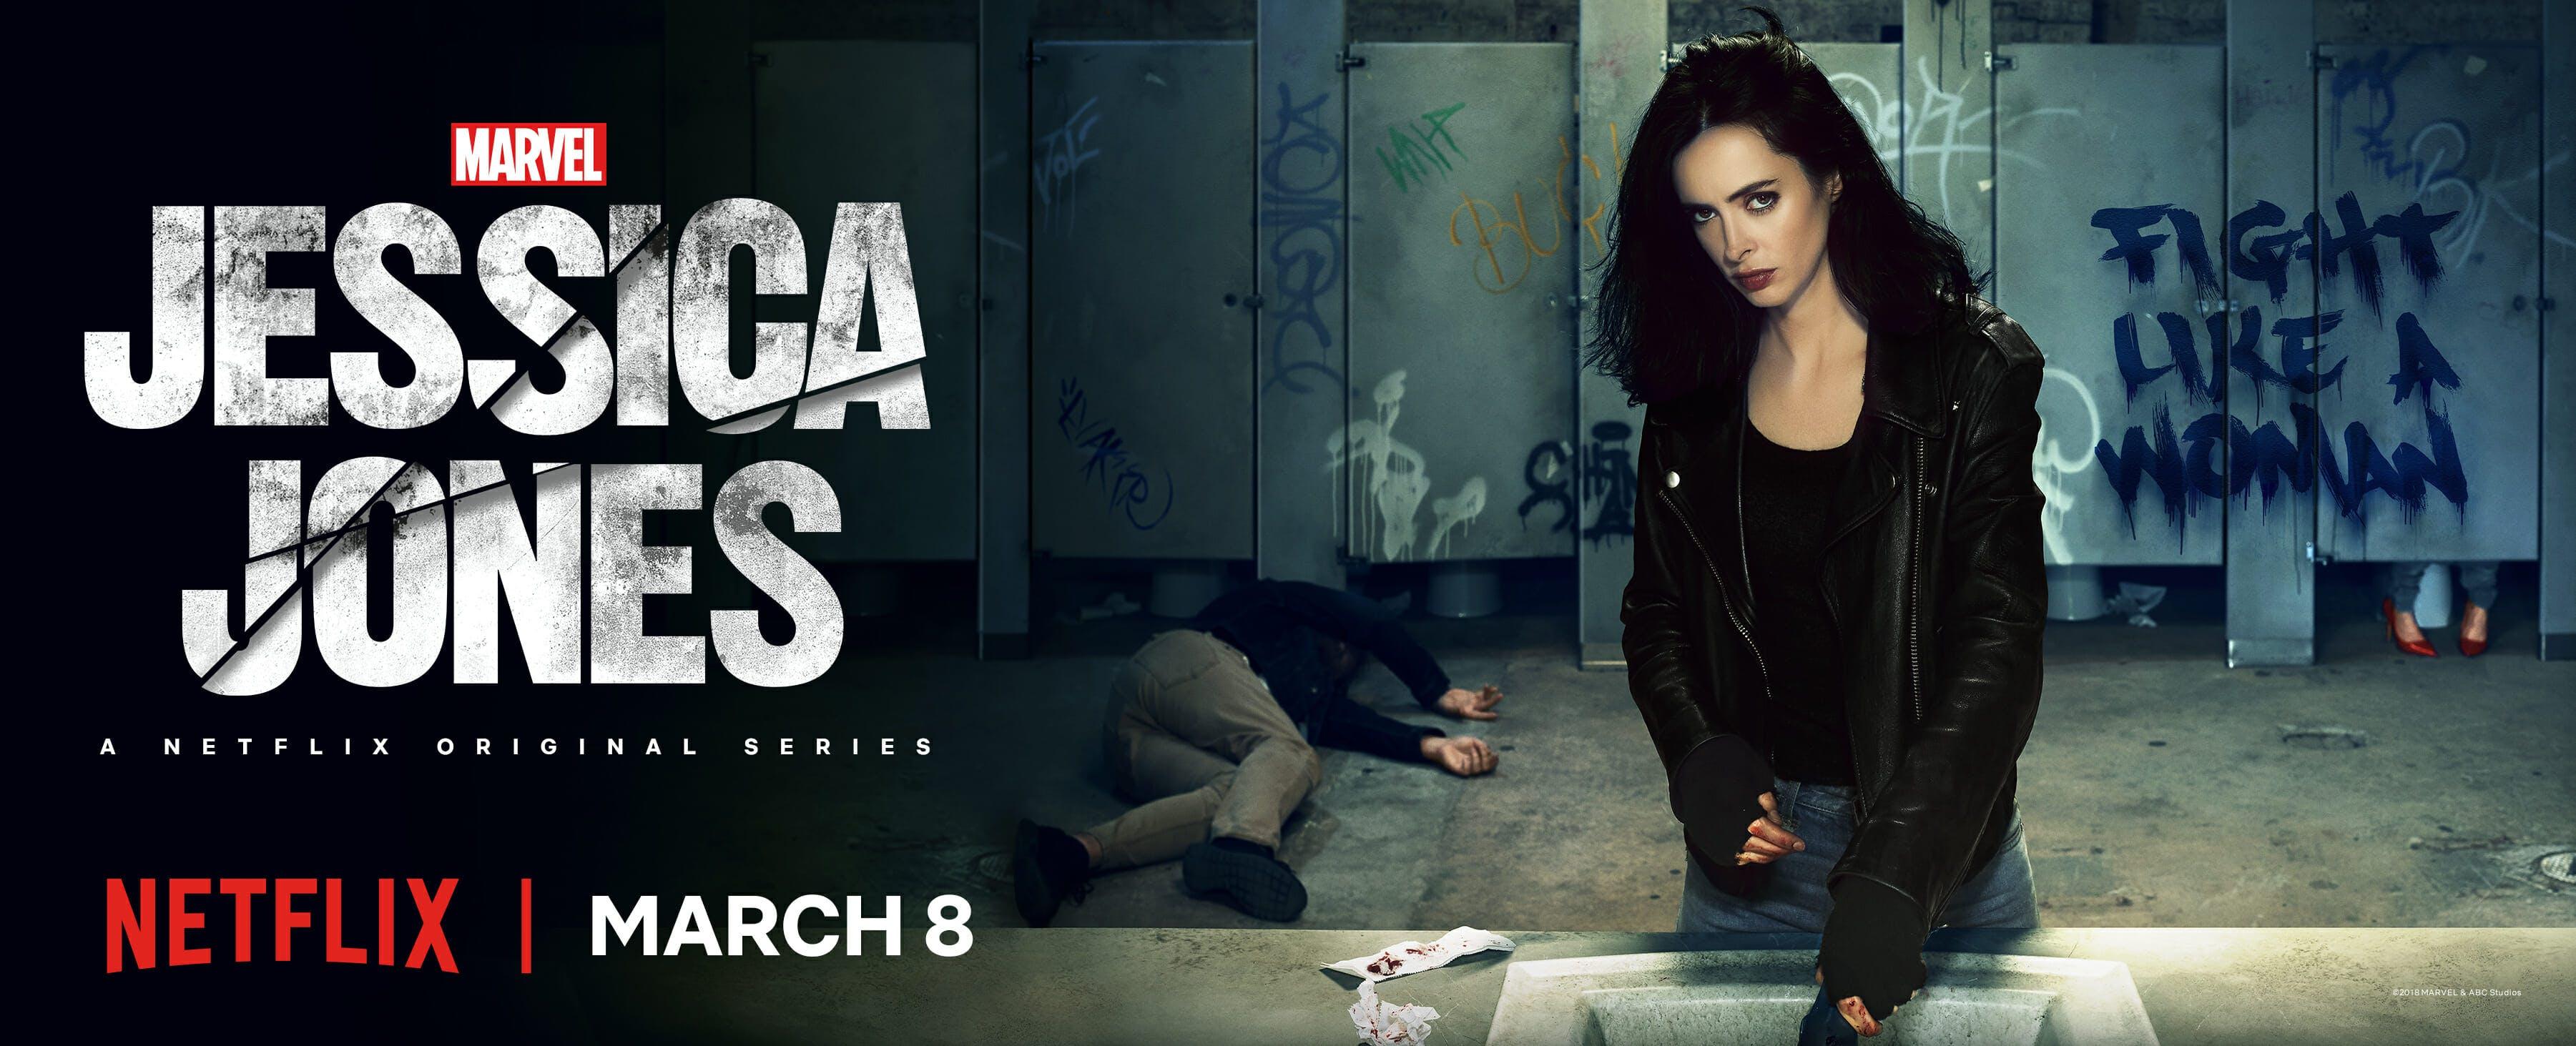 jessica jones season 2 release date key art